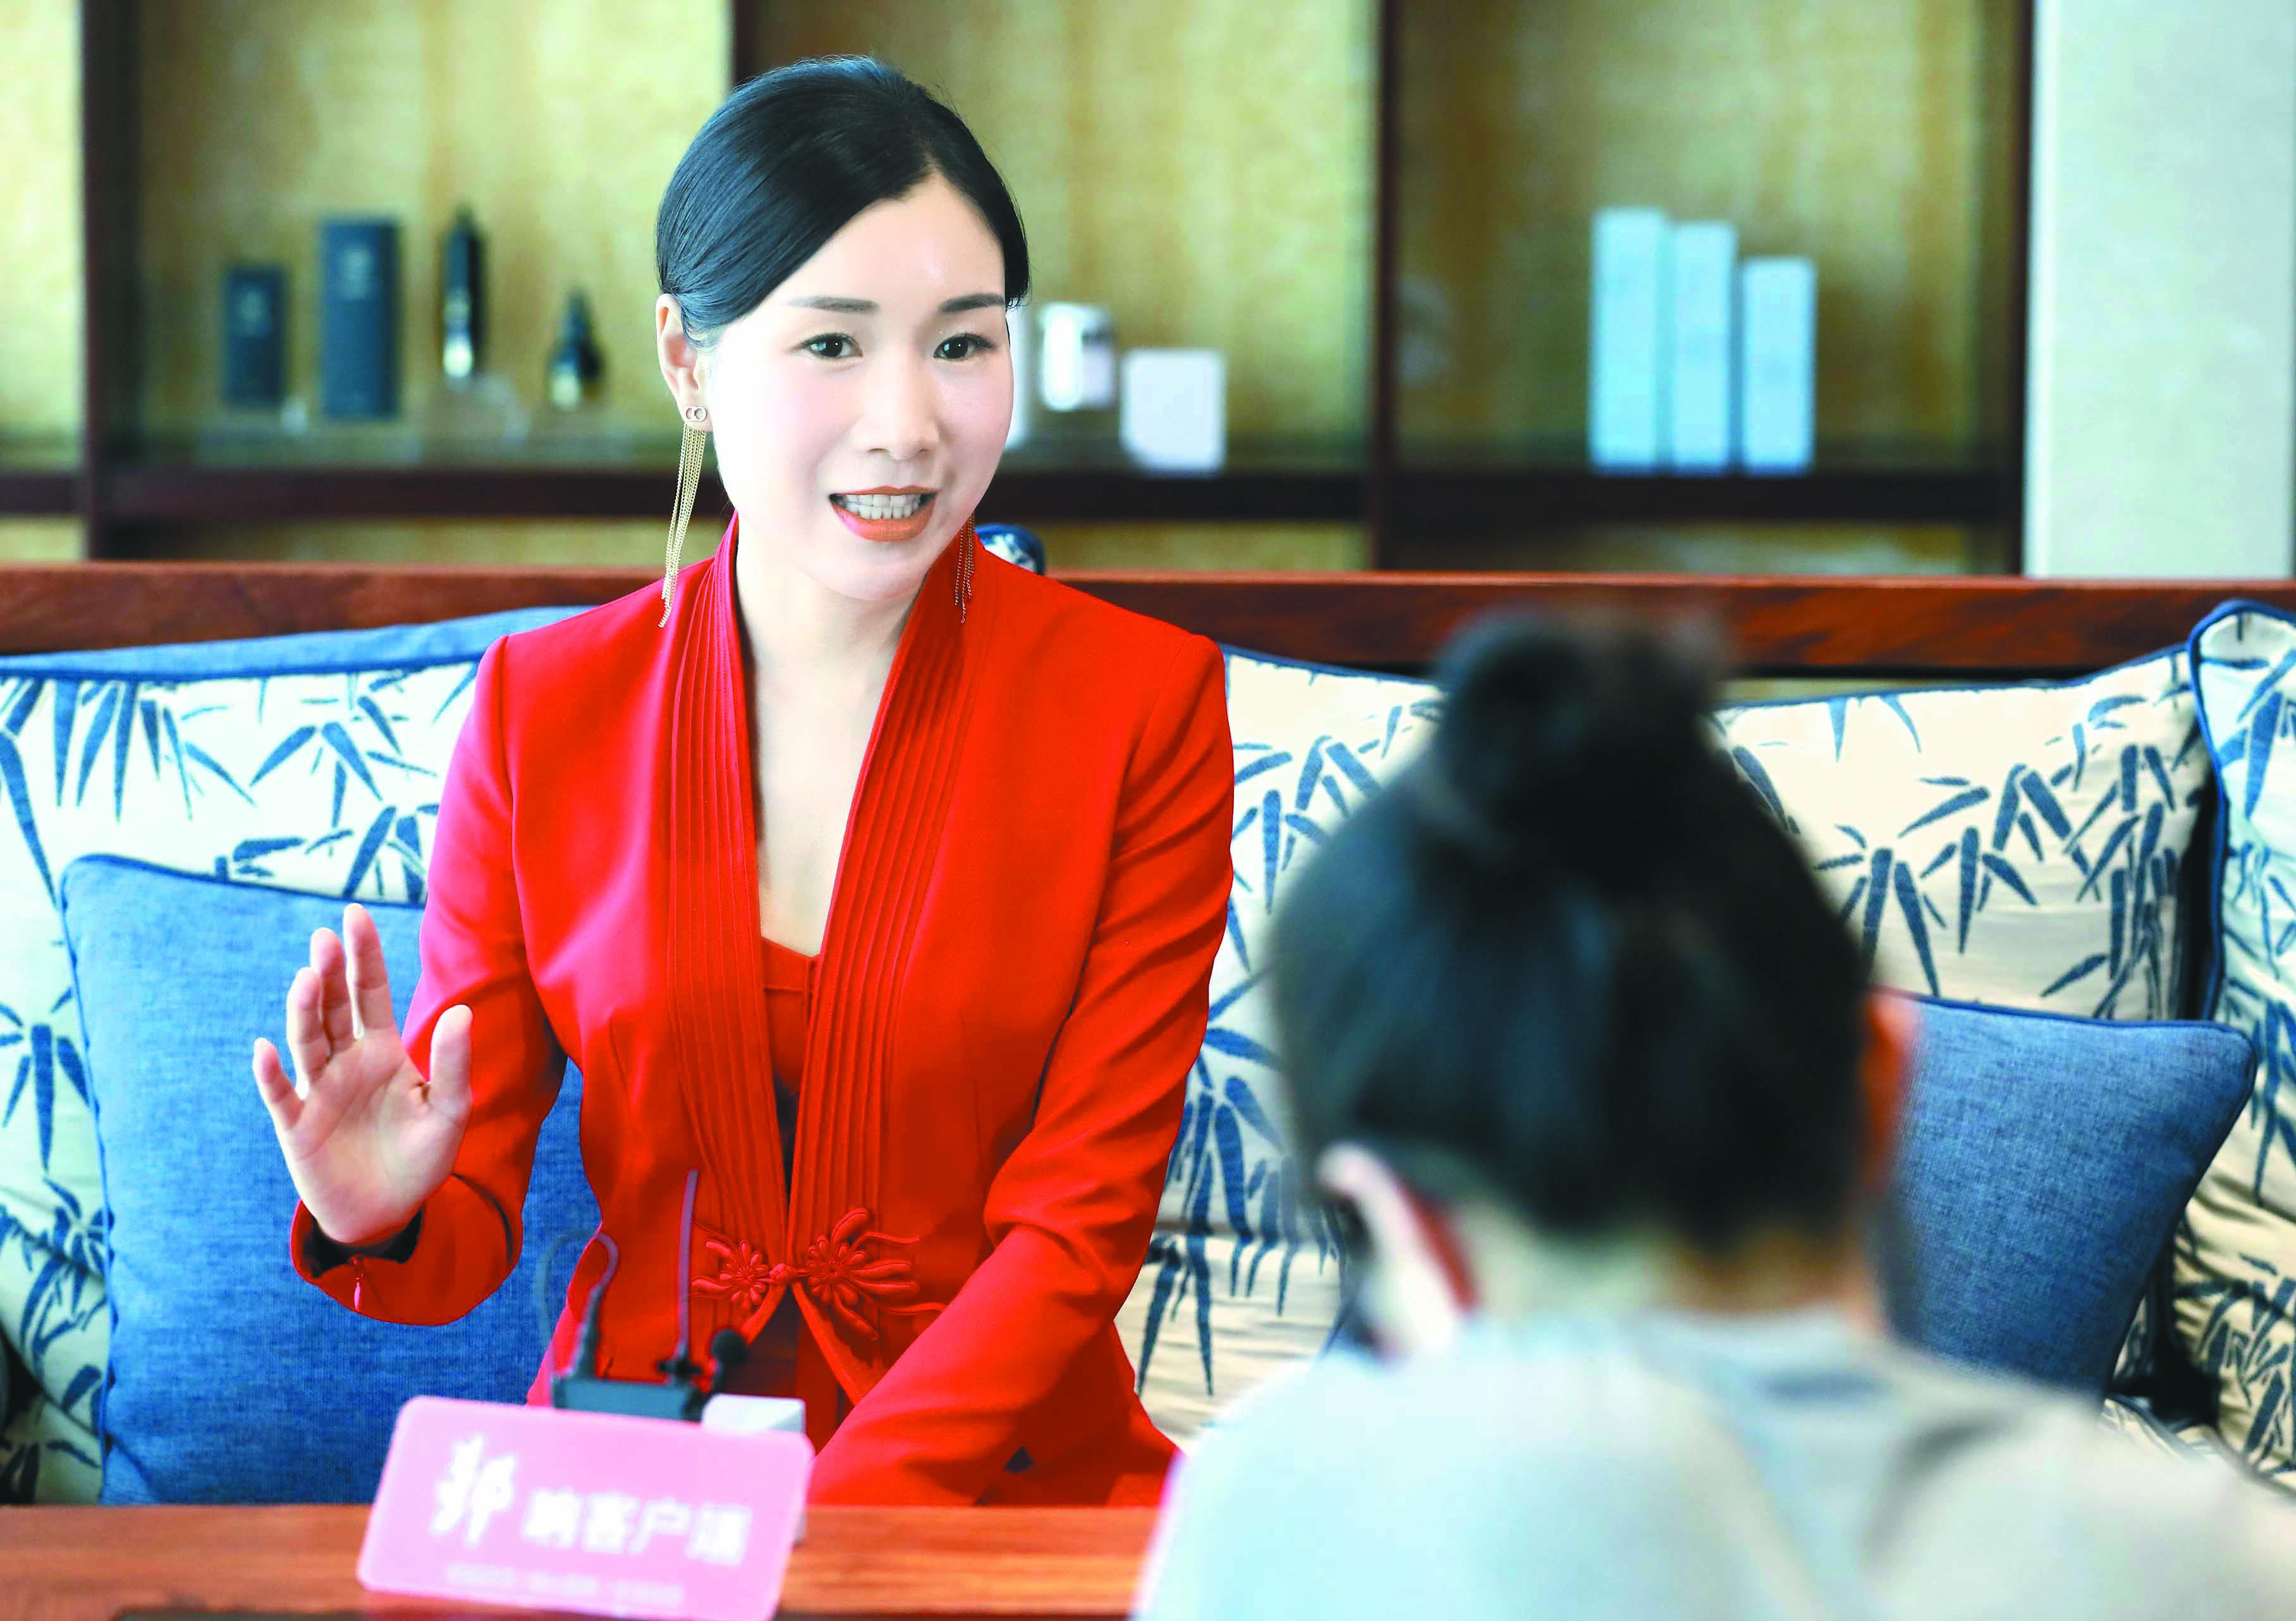 钱旭利:让中国女性更美丽更自信